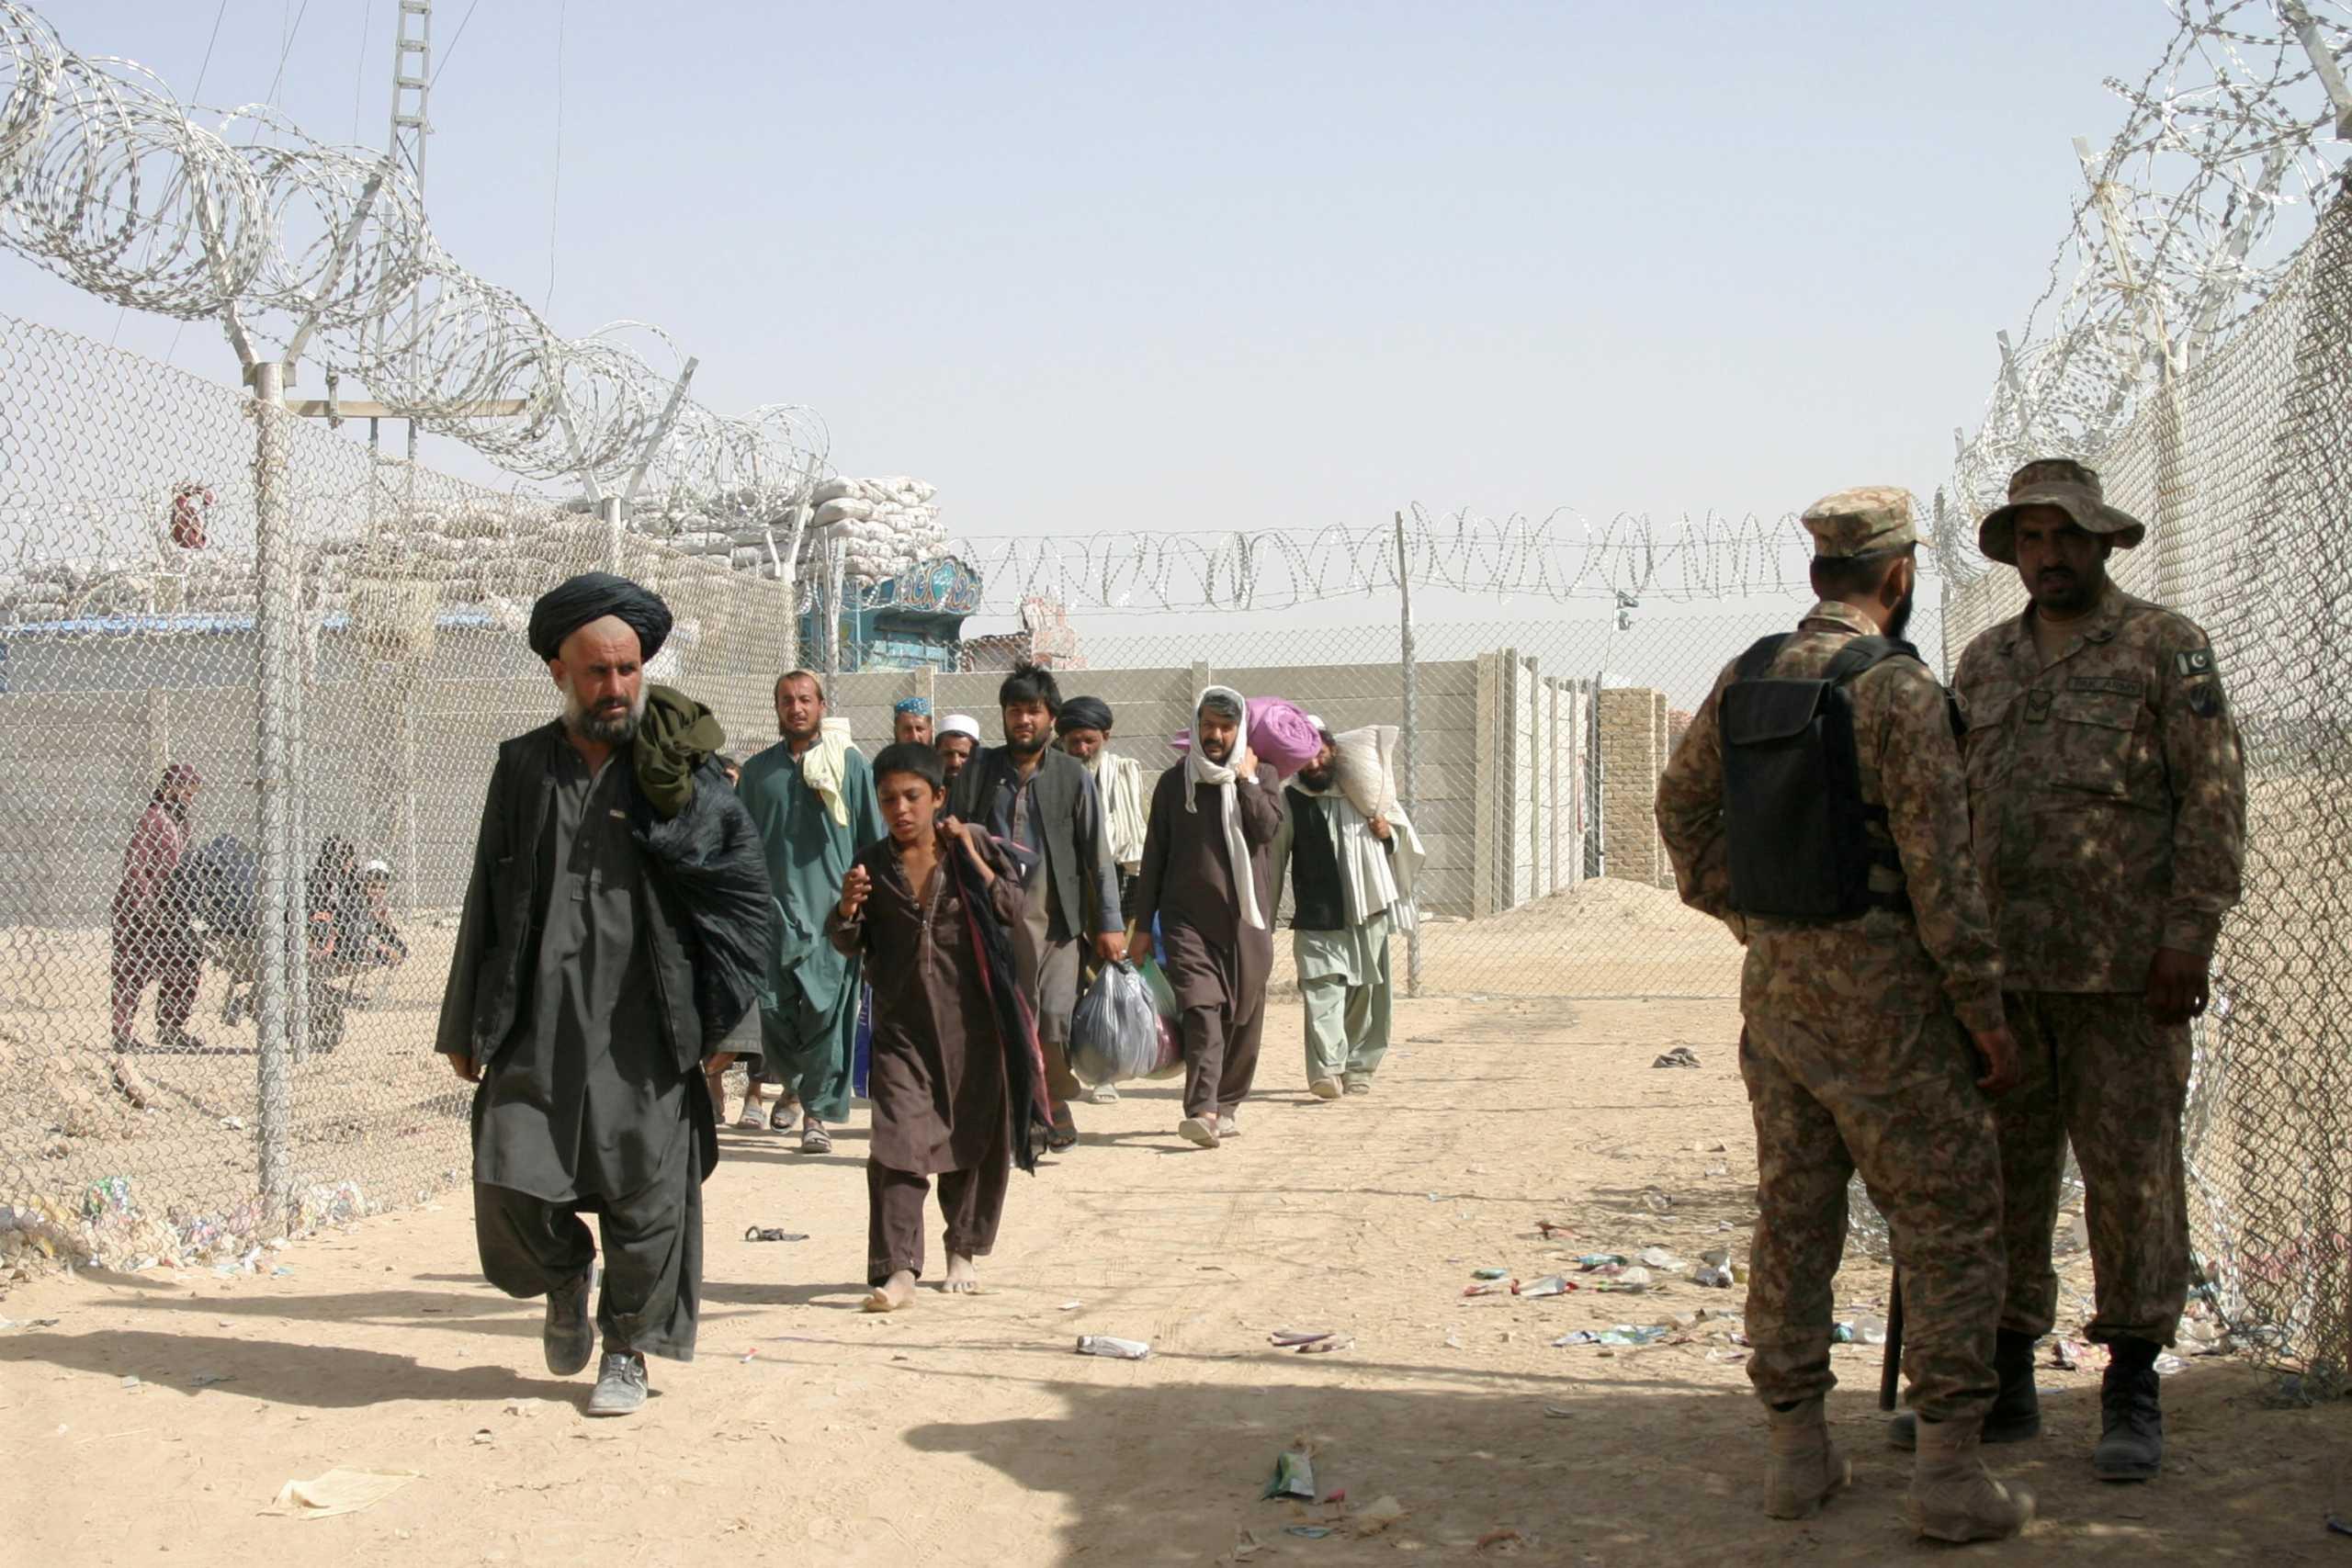 Μαργαρίτης Σχοινάς για Αφγανιστάν: «Να μειώσουμε την πιθανότητα για μεγάλες προσφυγικές ροές»